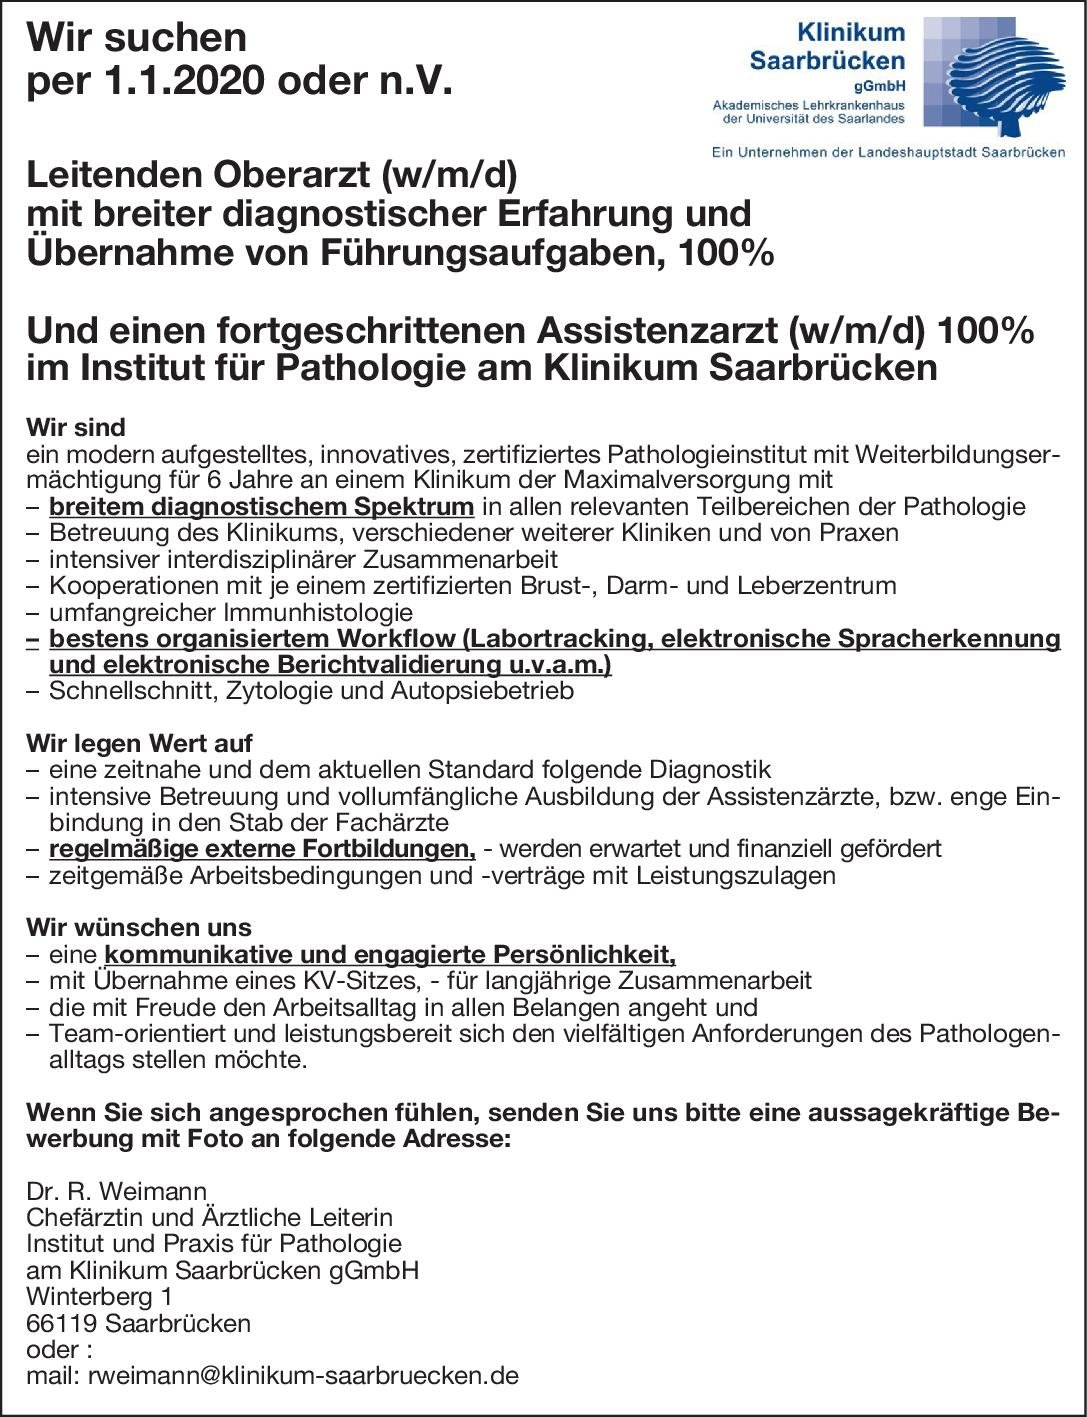 Institut für Pathologie am Klinikum Saarbrücken Fortgeschrittenen Assistenzarzt (w/m/d) 100%  Pathologie Assistenzarzt / Arzt in Weiterbildung